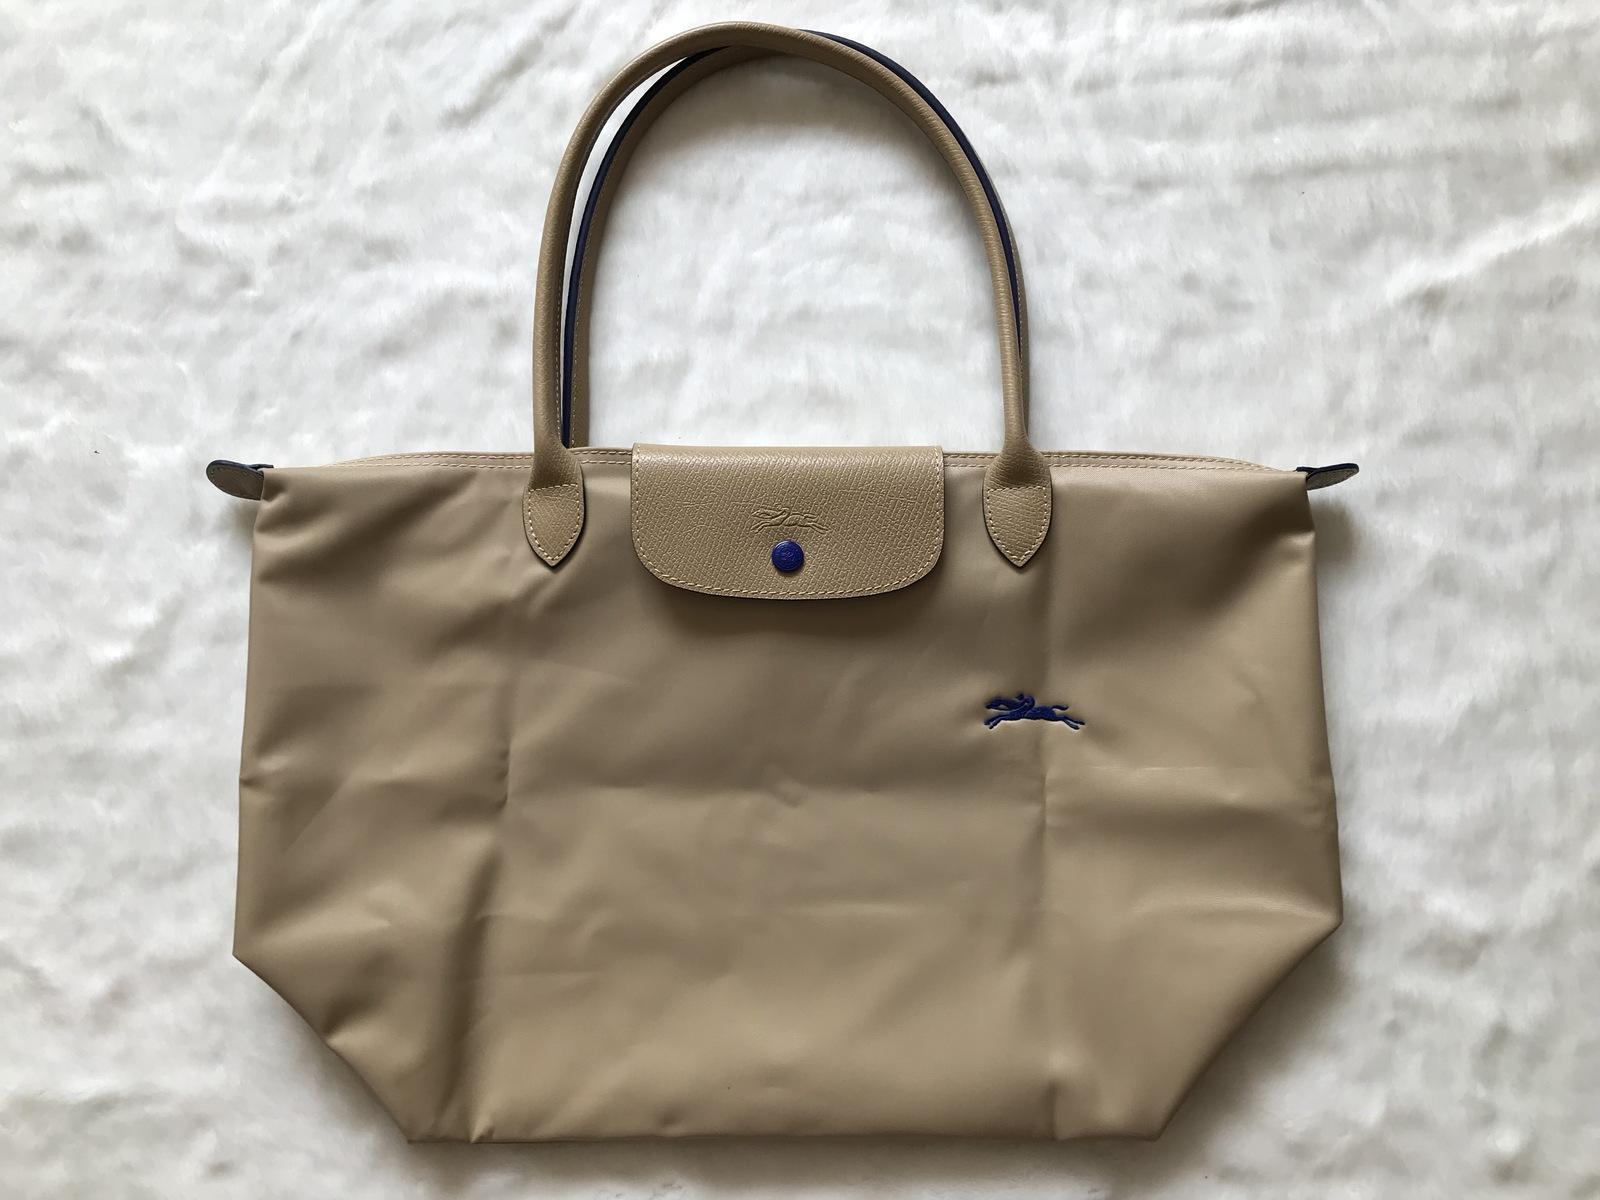 Longchamp Club Le Pliage Bag Beige Large L1899619841